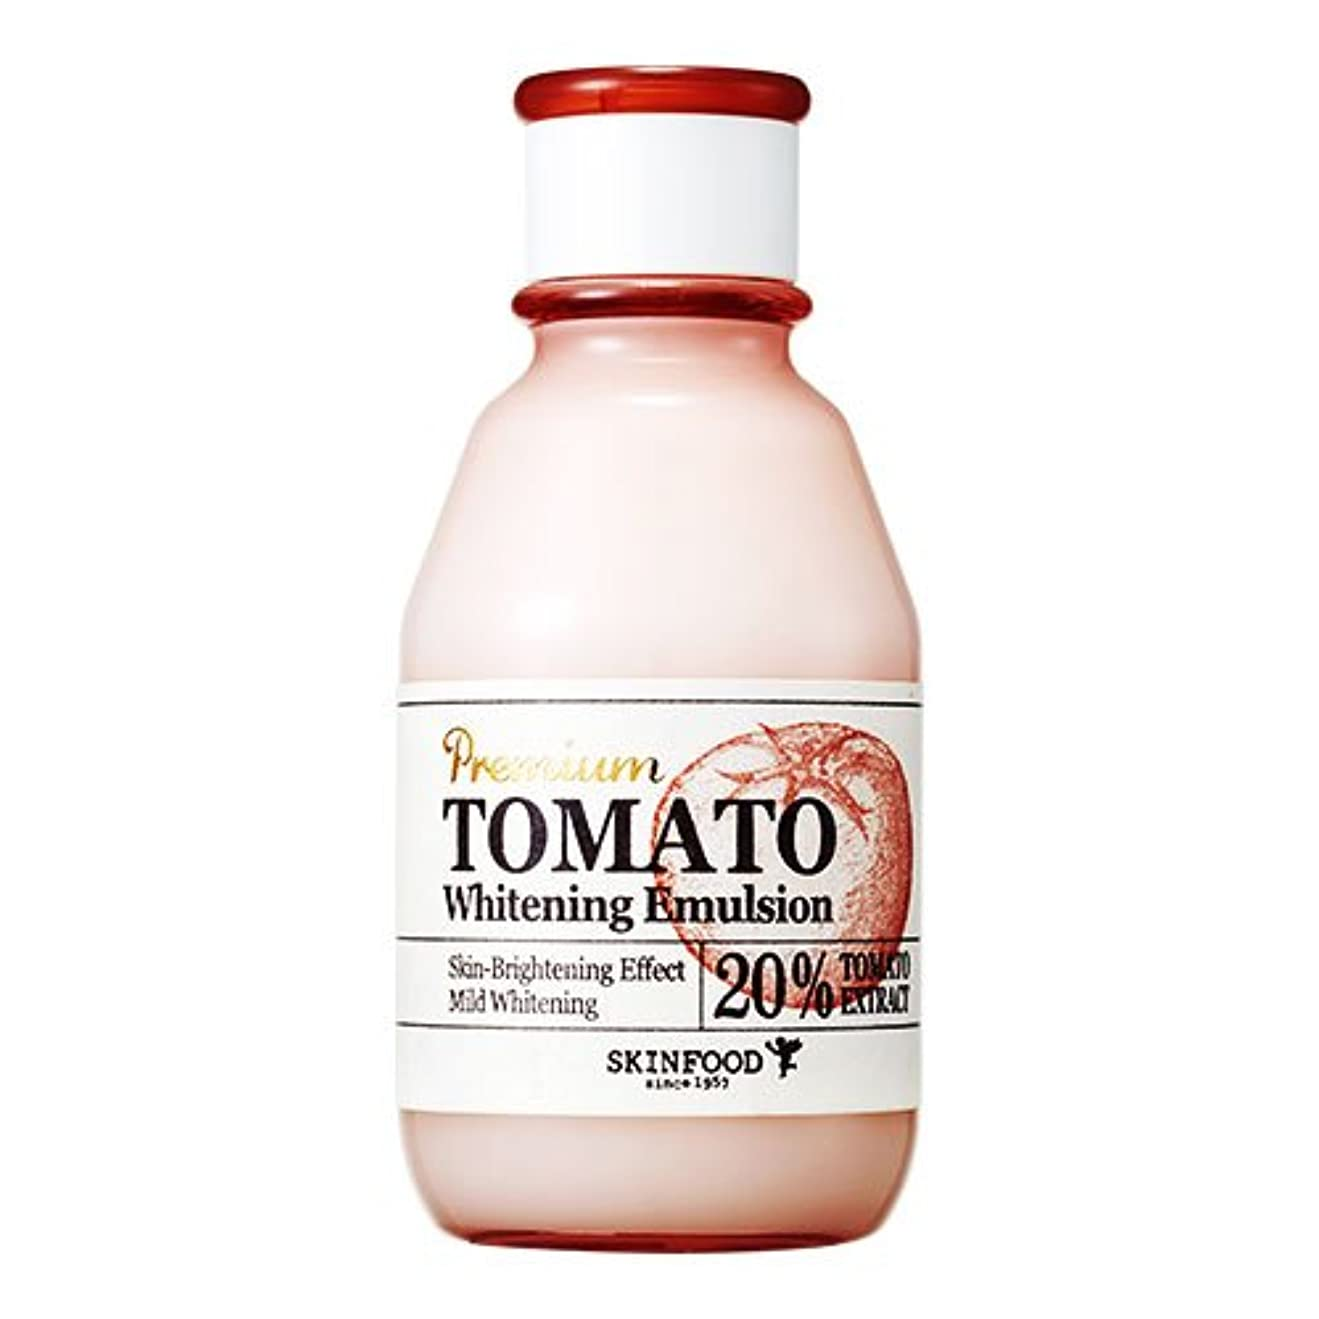 固体同種のうめき[スキンフード] SKINFOOD プレミアムトマトホワイトニングエマルジョン Premium Tomato Whitening Emulsion (海外直送品) [並行輸入品]